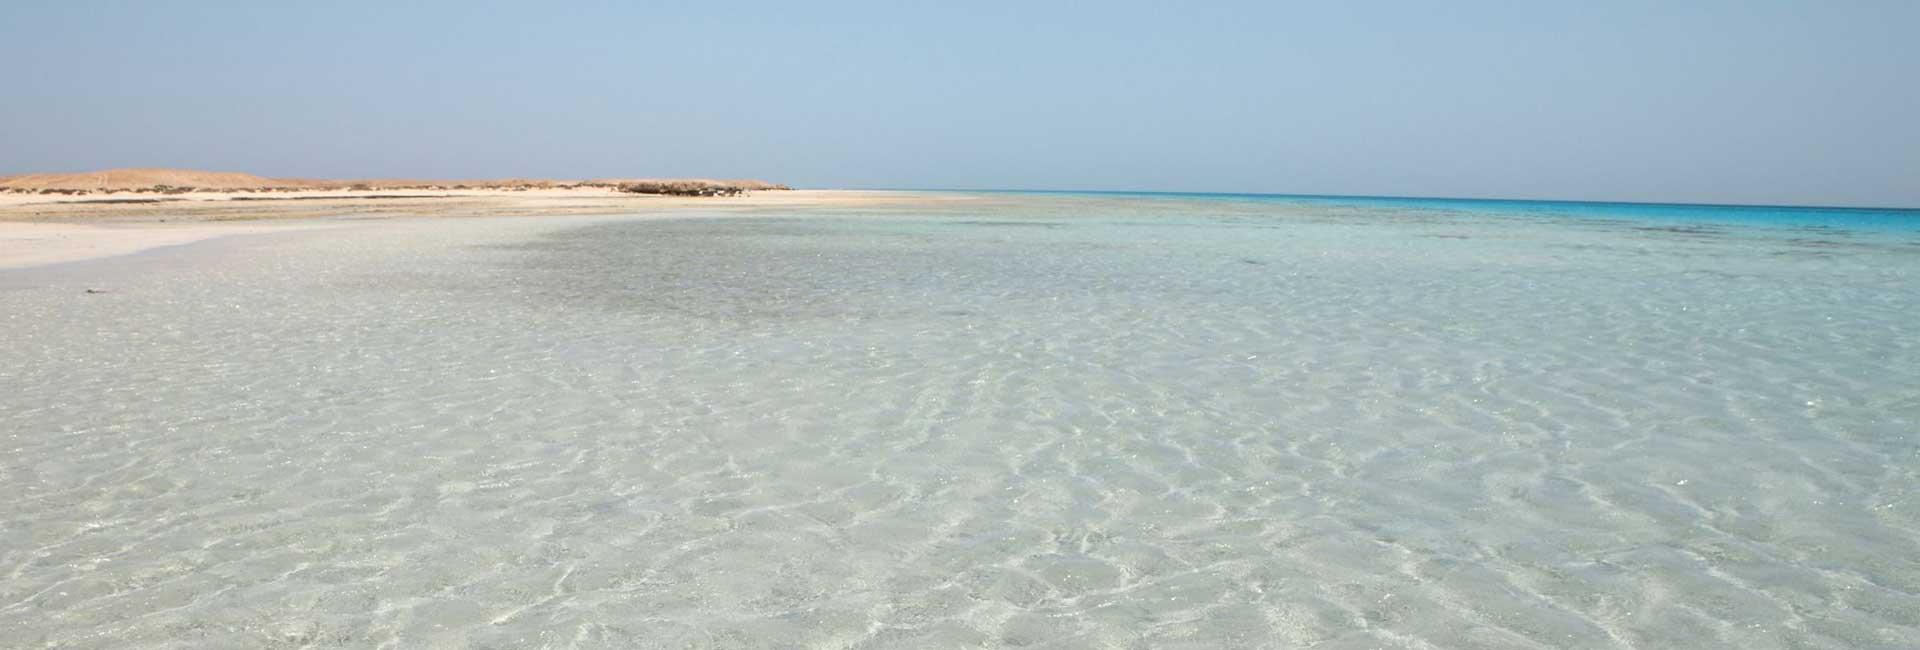 Marsa Alam Beaches